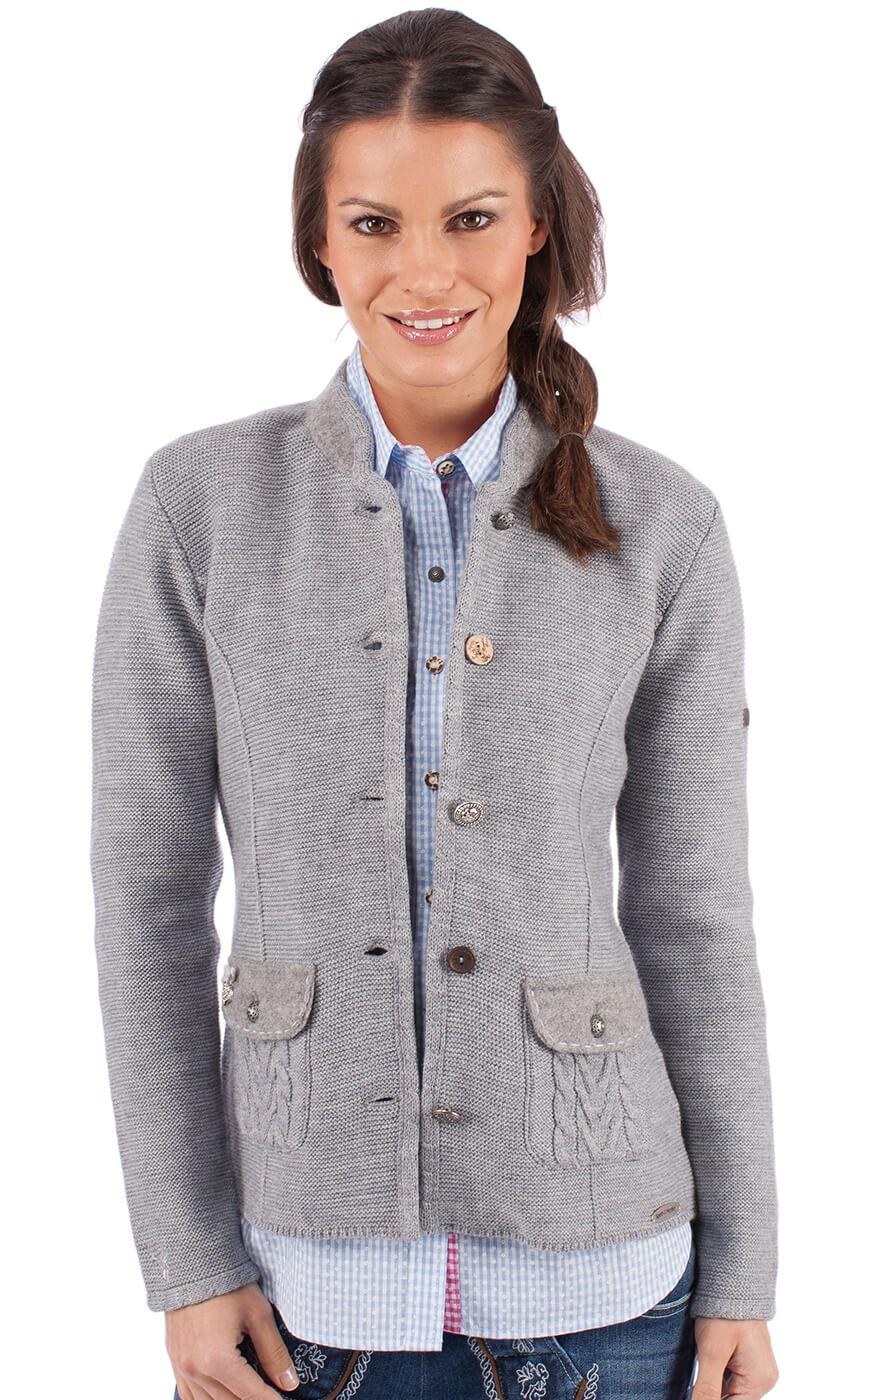 Traditional Cardigan ETTAL gray von Spieth & Wensky